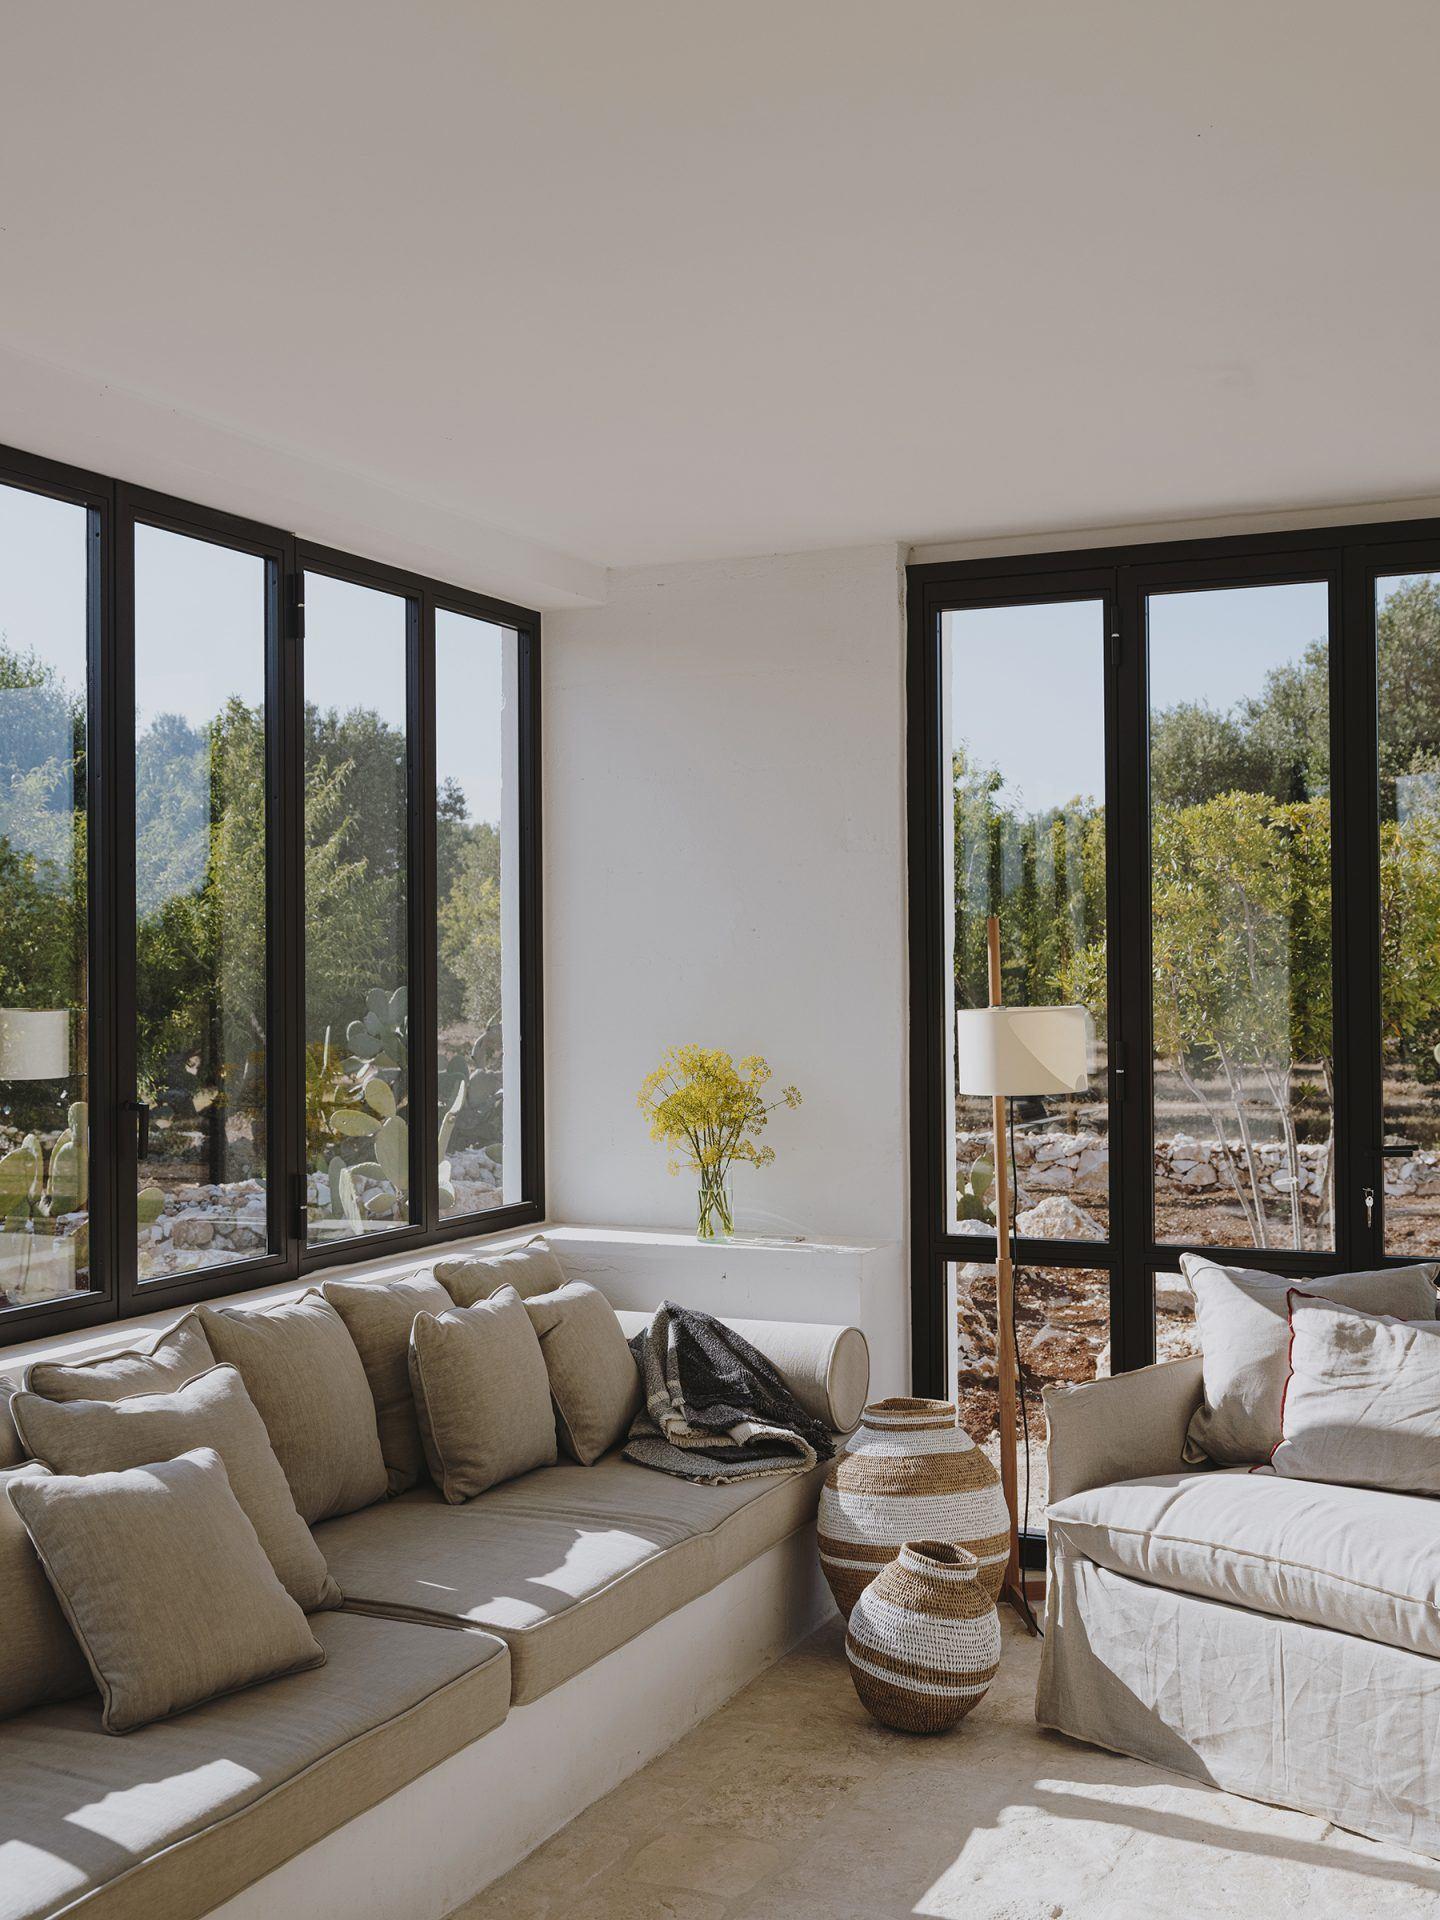 IGNANT-Architecture-Andrew-Trotter-Villa-Cardo-48